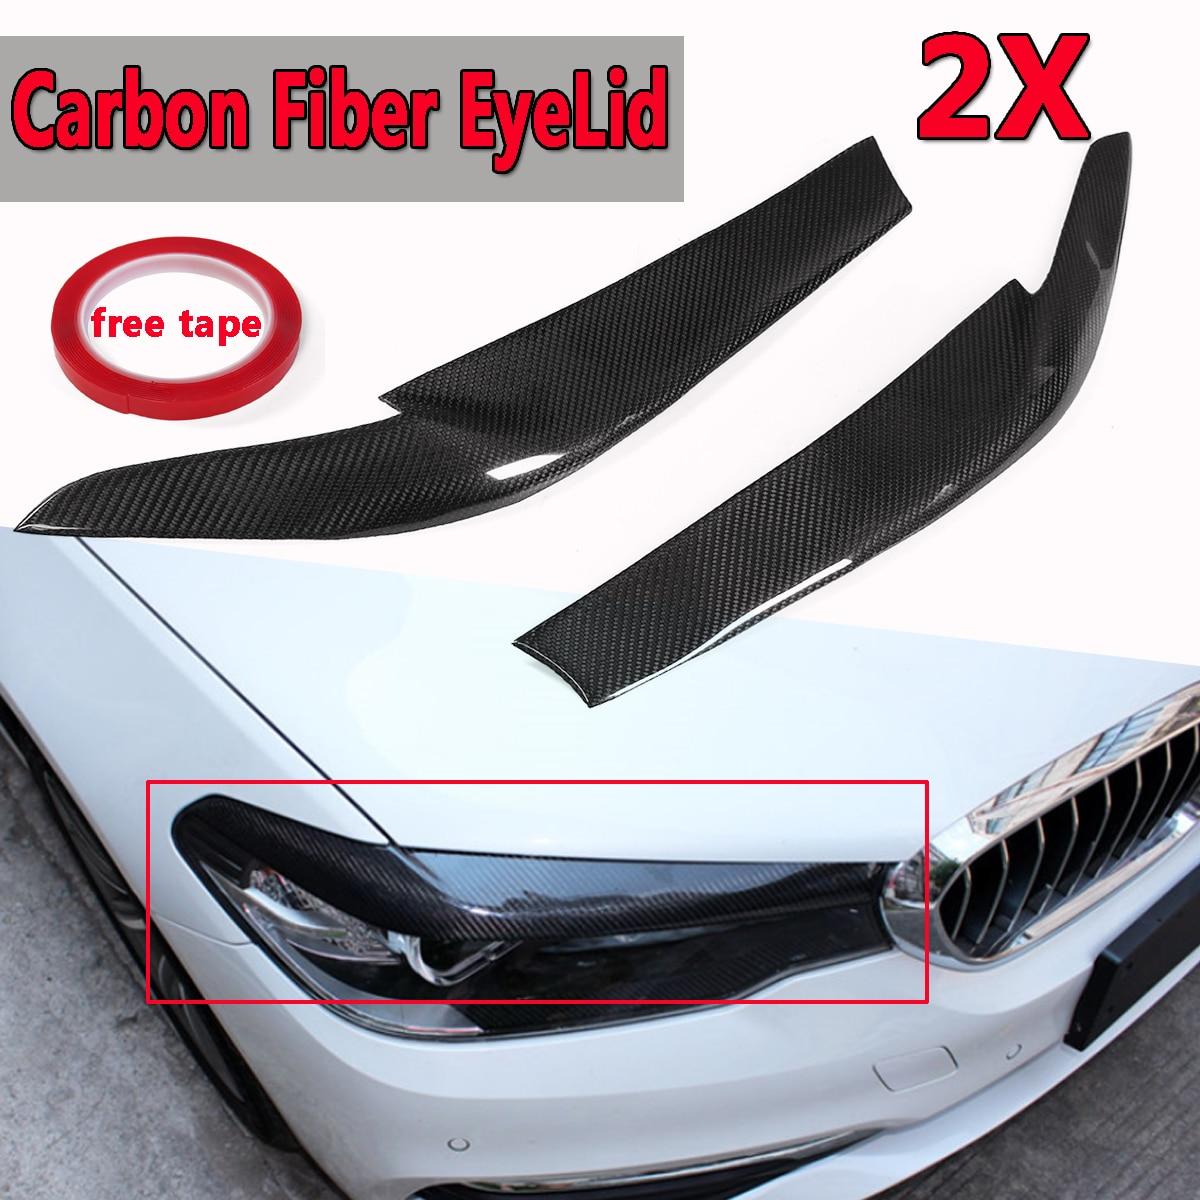 Пара Реальные углеродного волокна веки брови для BMW 2017-2018 G30 530i 540i M550i фар верхнее веко наклейки заглушки